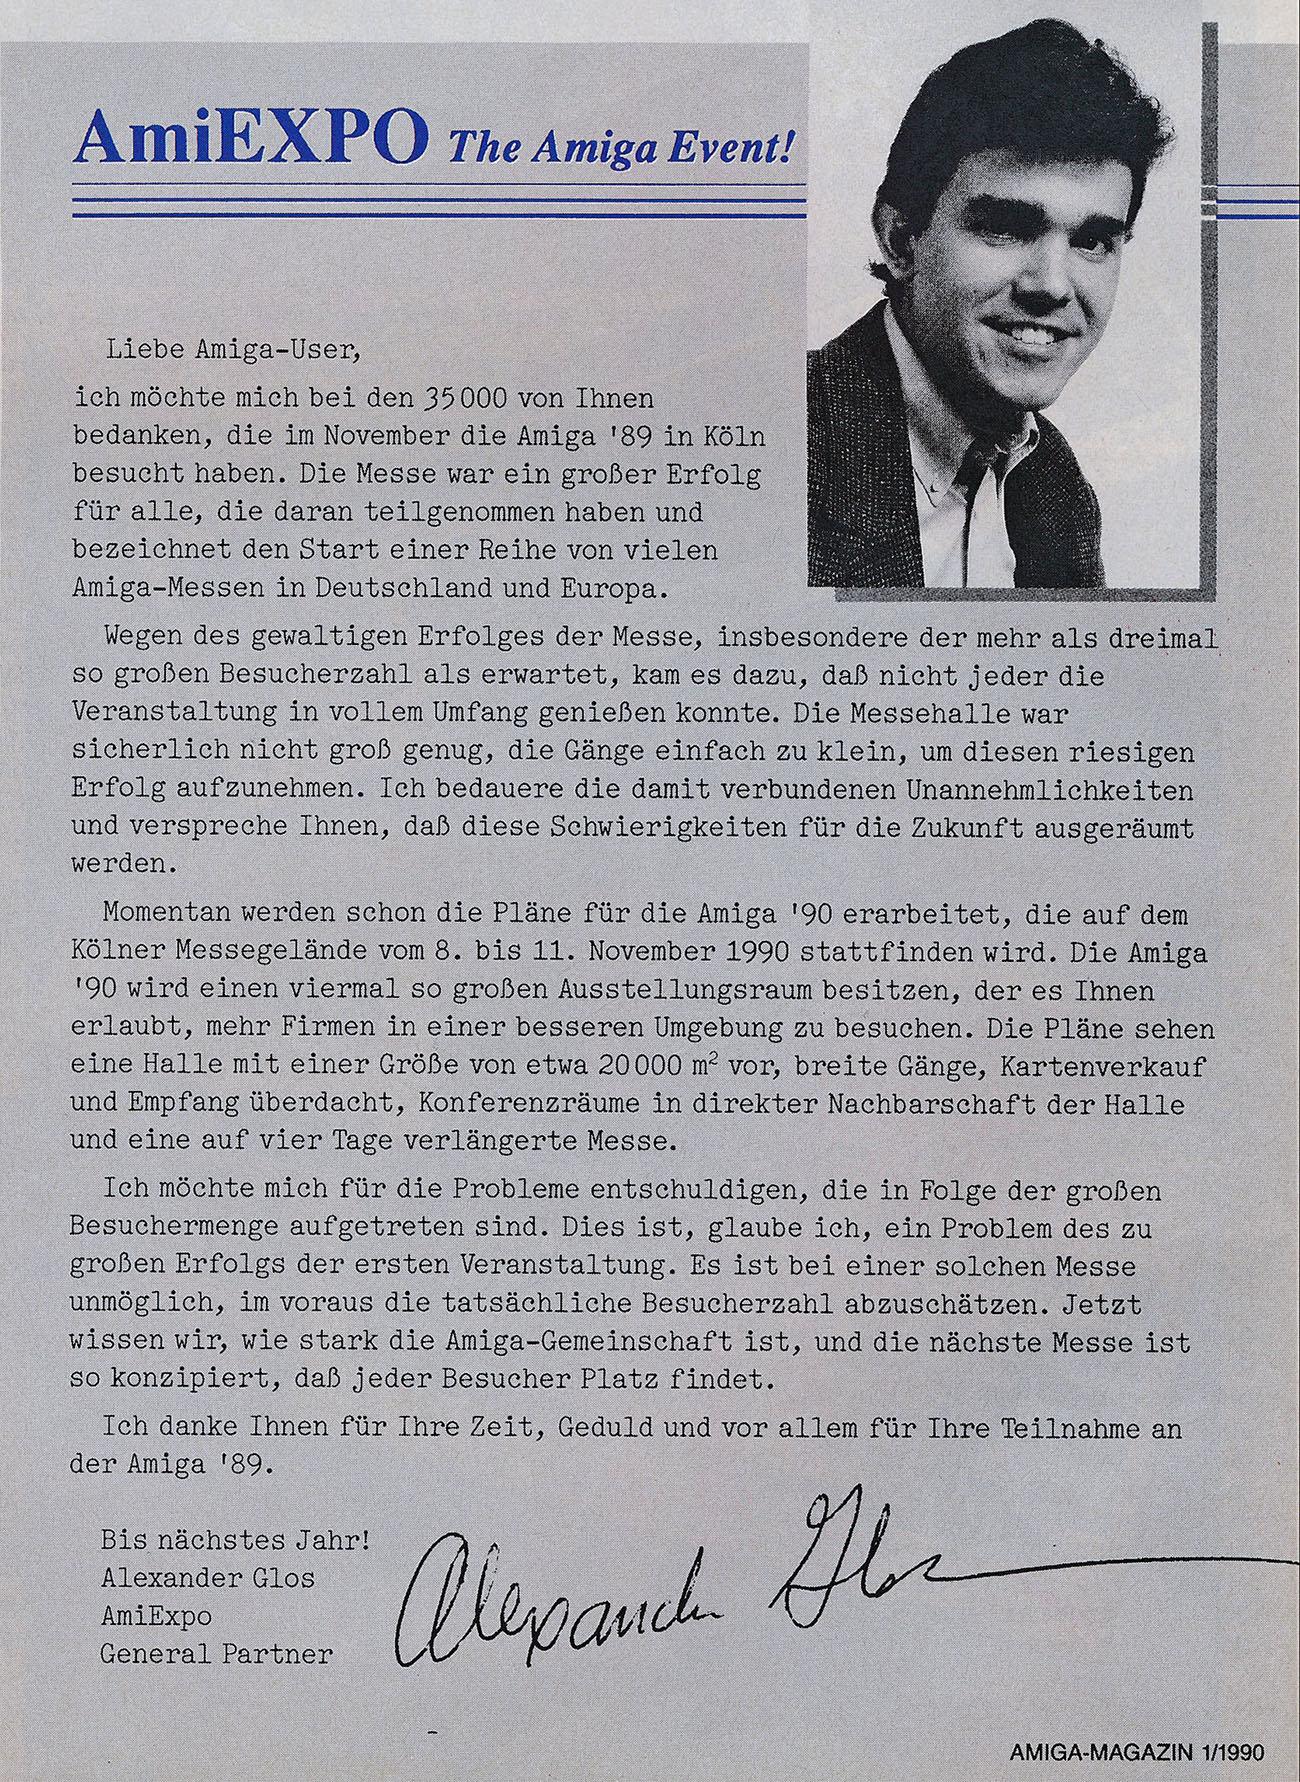 Offener Brief von Alexander Glos, AmiExpo (Bild: AmiExpo, Markt & Technik Verlag)